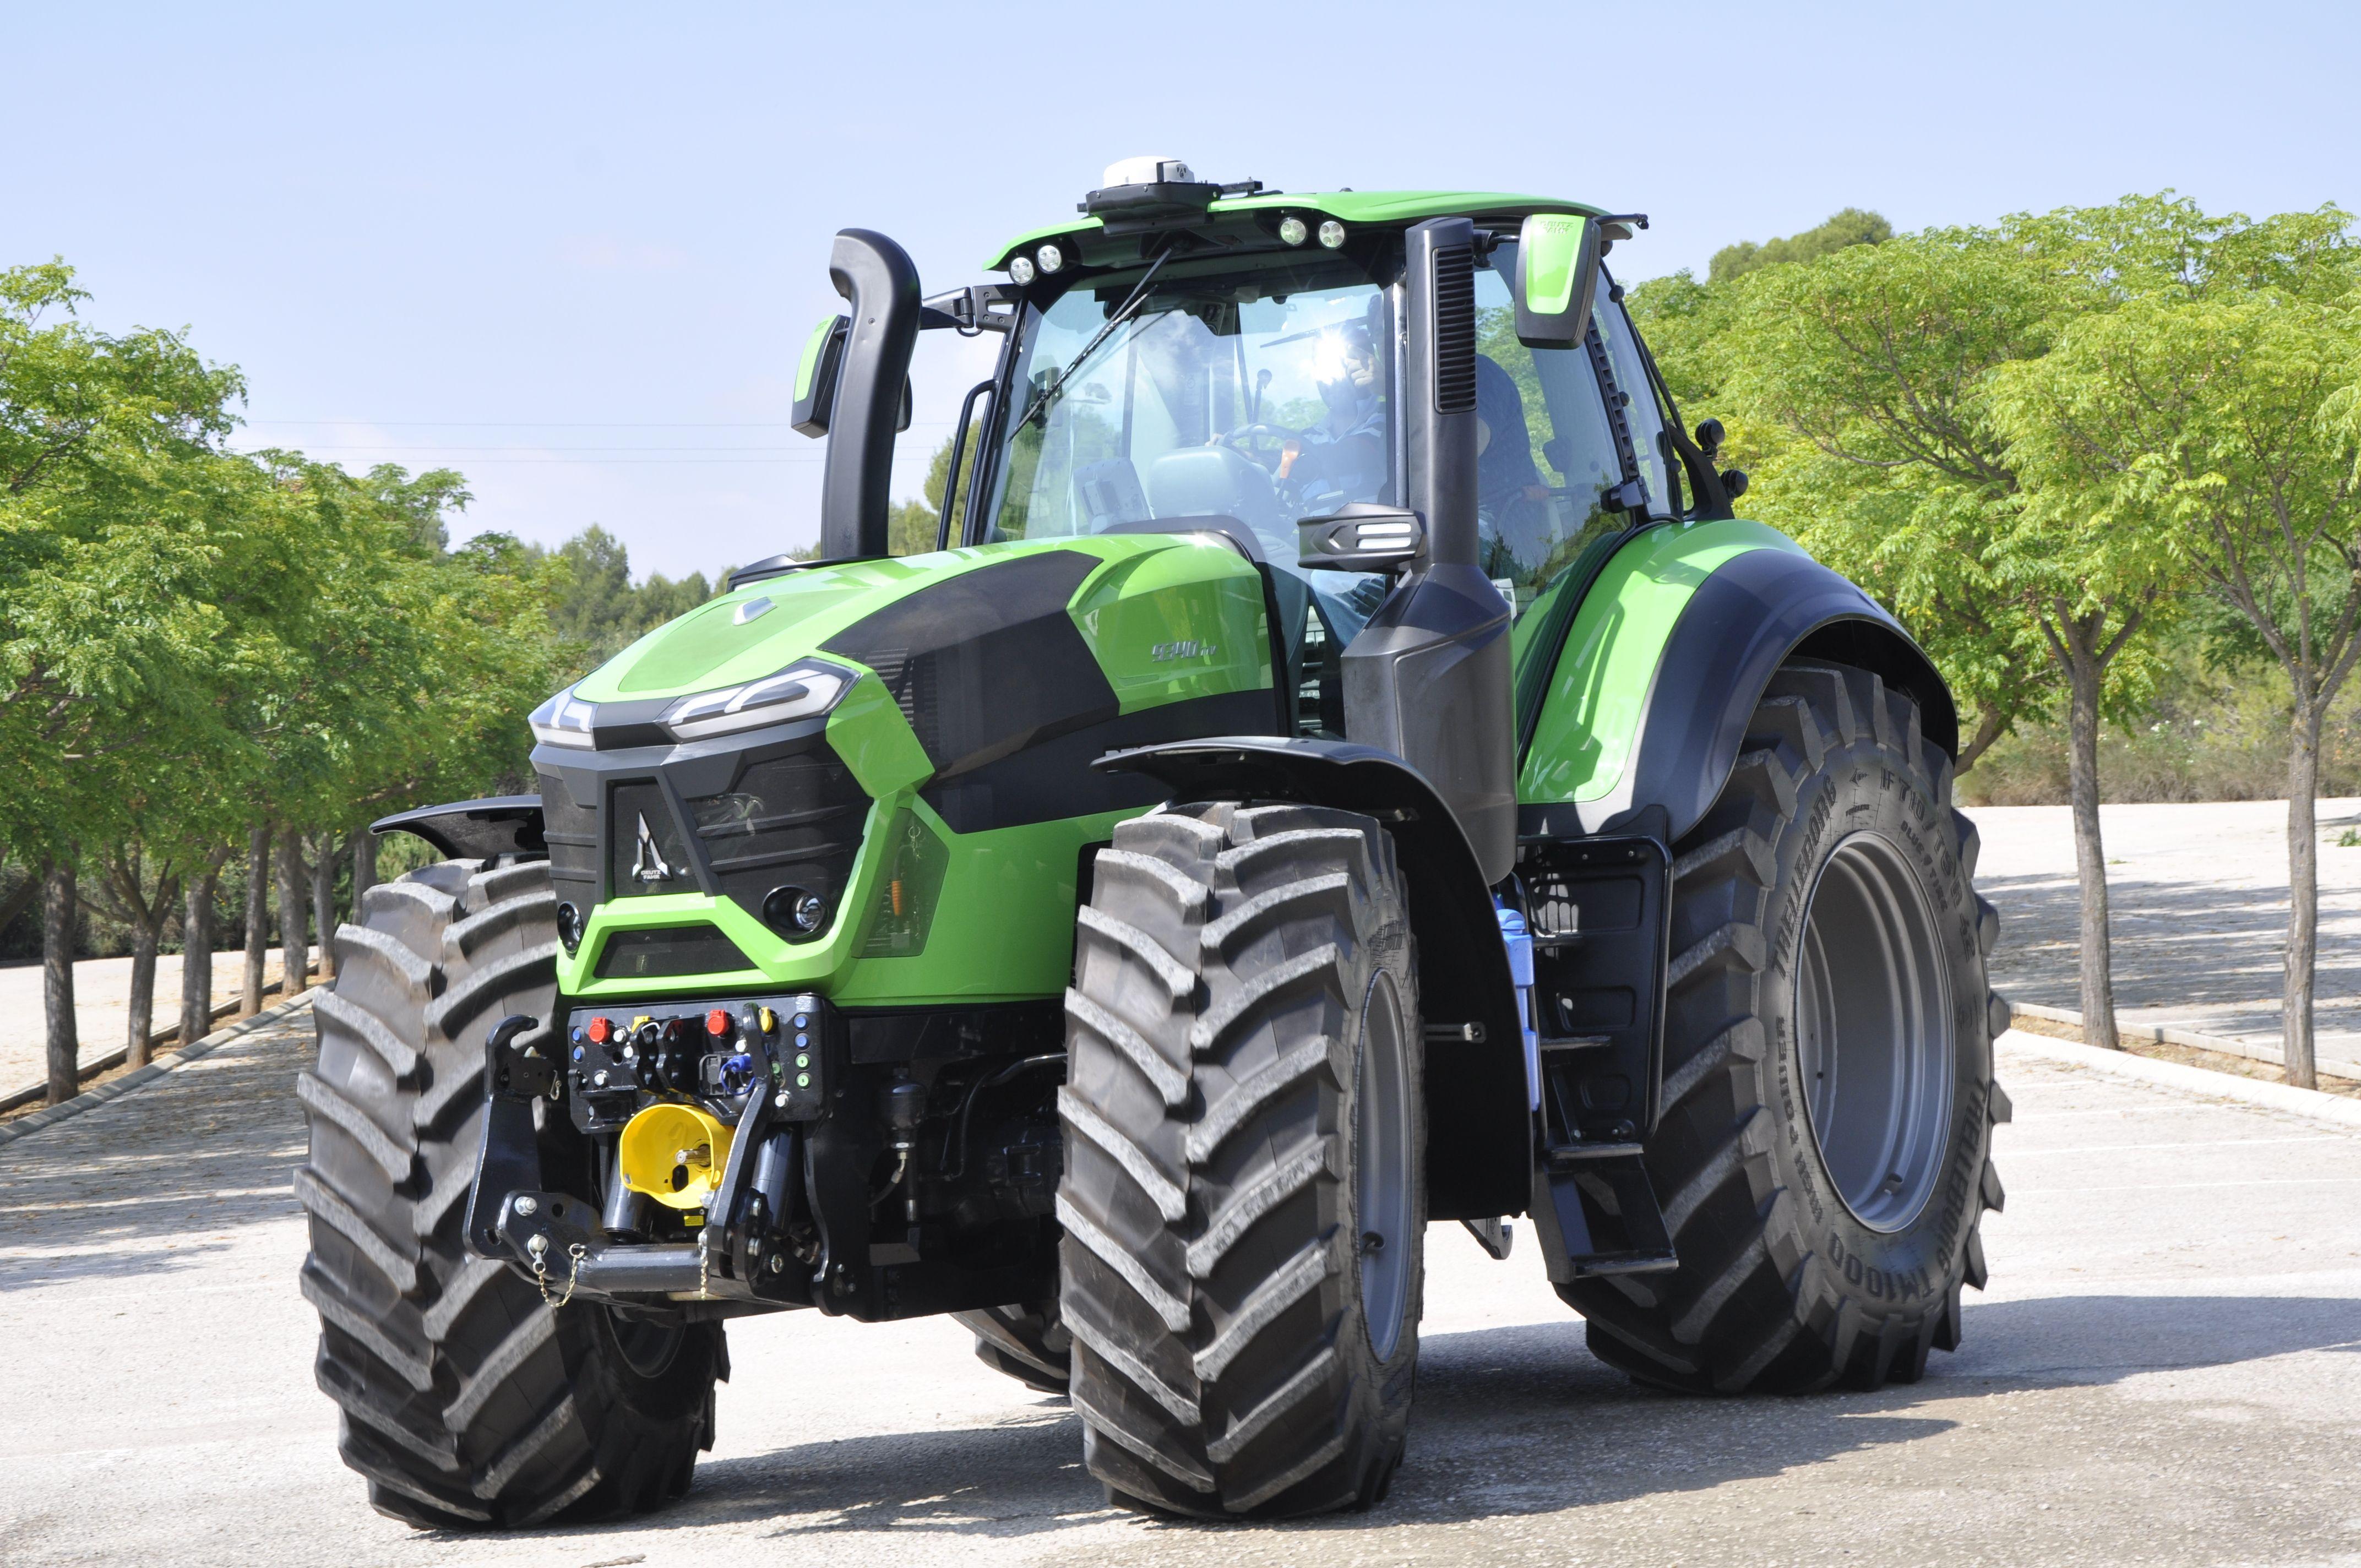 Deutz Fahr 9340 Ttv Tractors Agriculture Tractor Farm Tractor